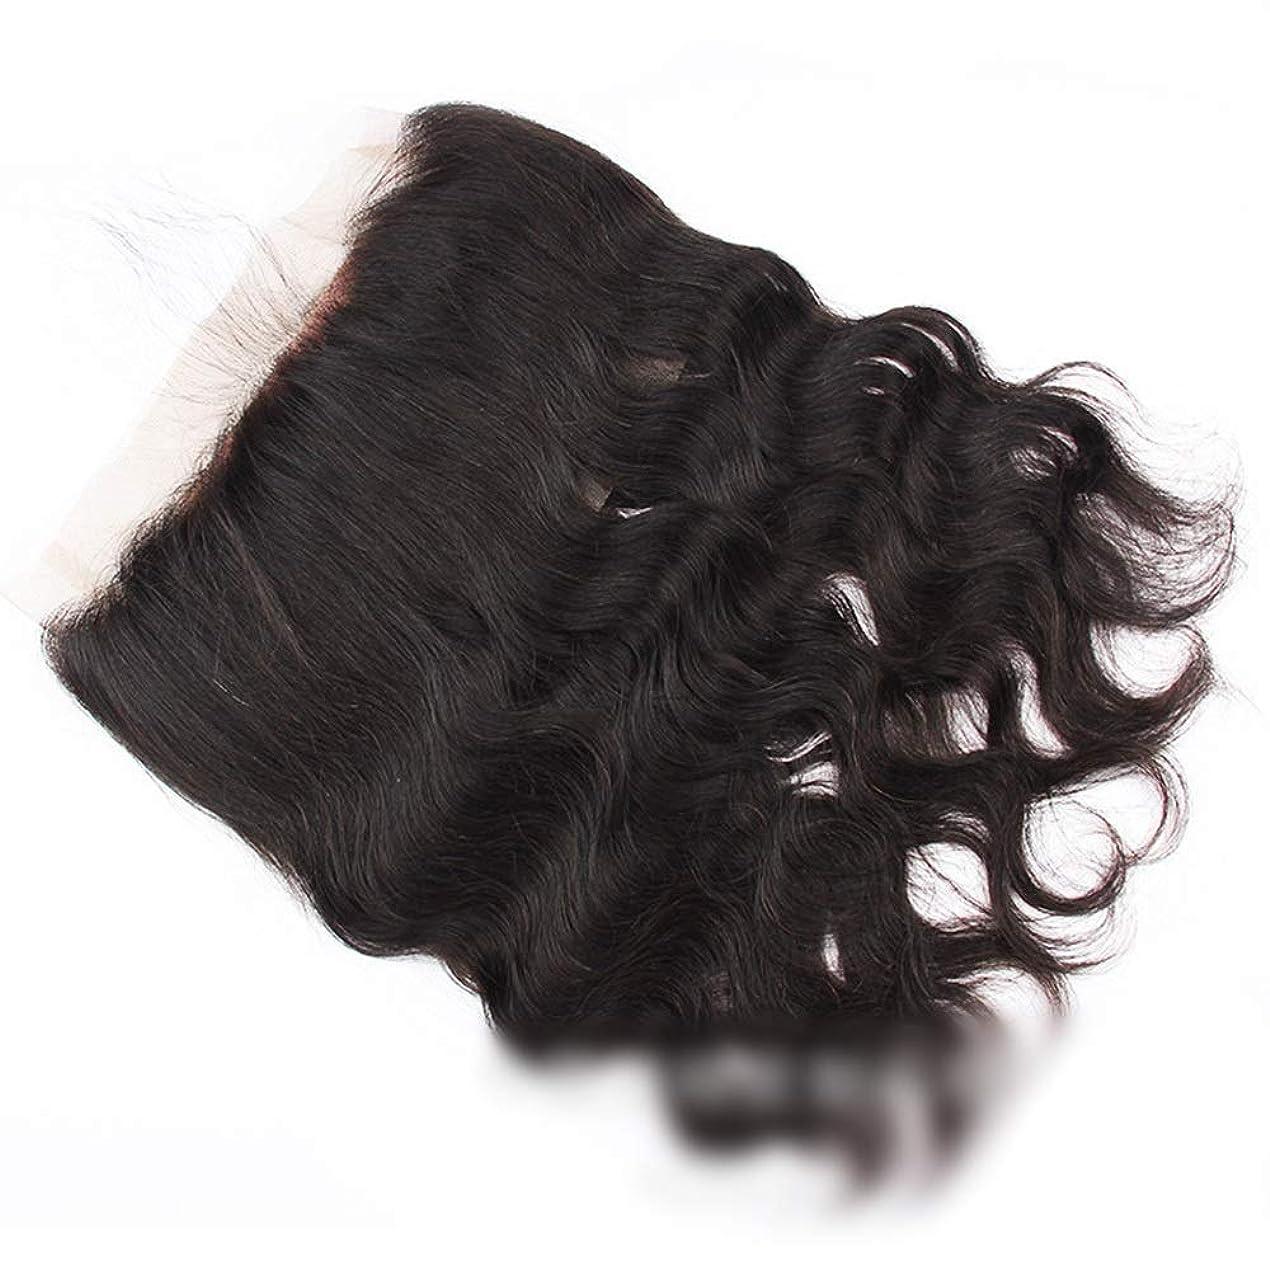 ラック是正するYESONEEP 360レース閉鎖ブラジル実体波髪バージン人間の髪360前頭レース閉鎖自由な部分ナチュラルカラーロングカーリーウィッグ、 (色 : 黒, サイズ : 16 inch)